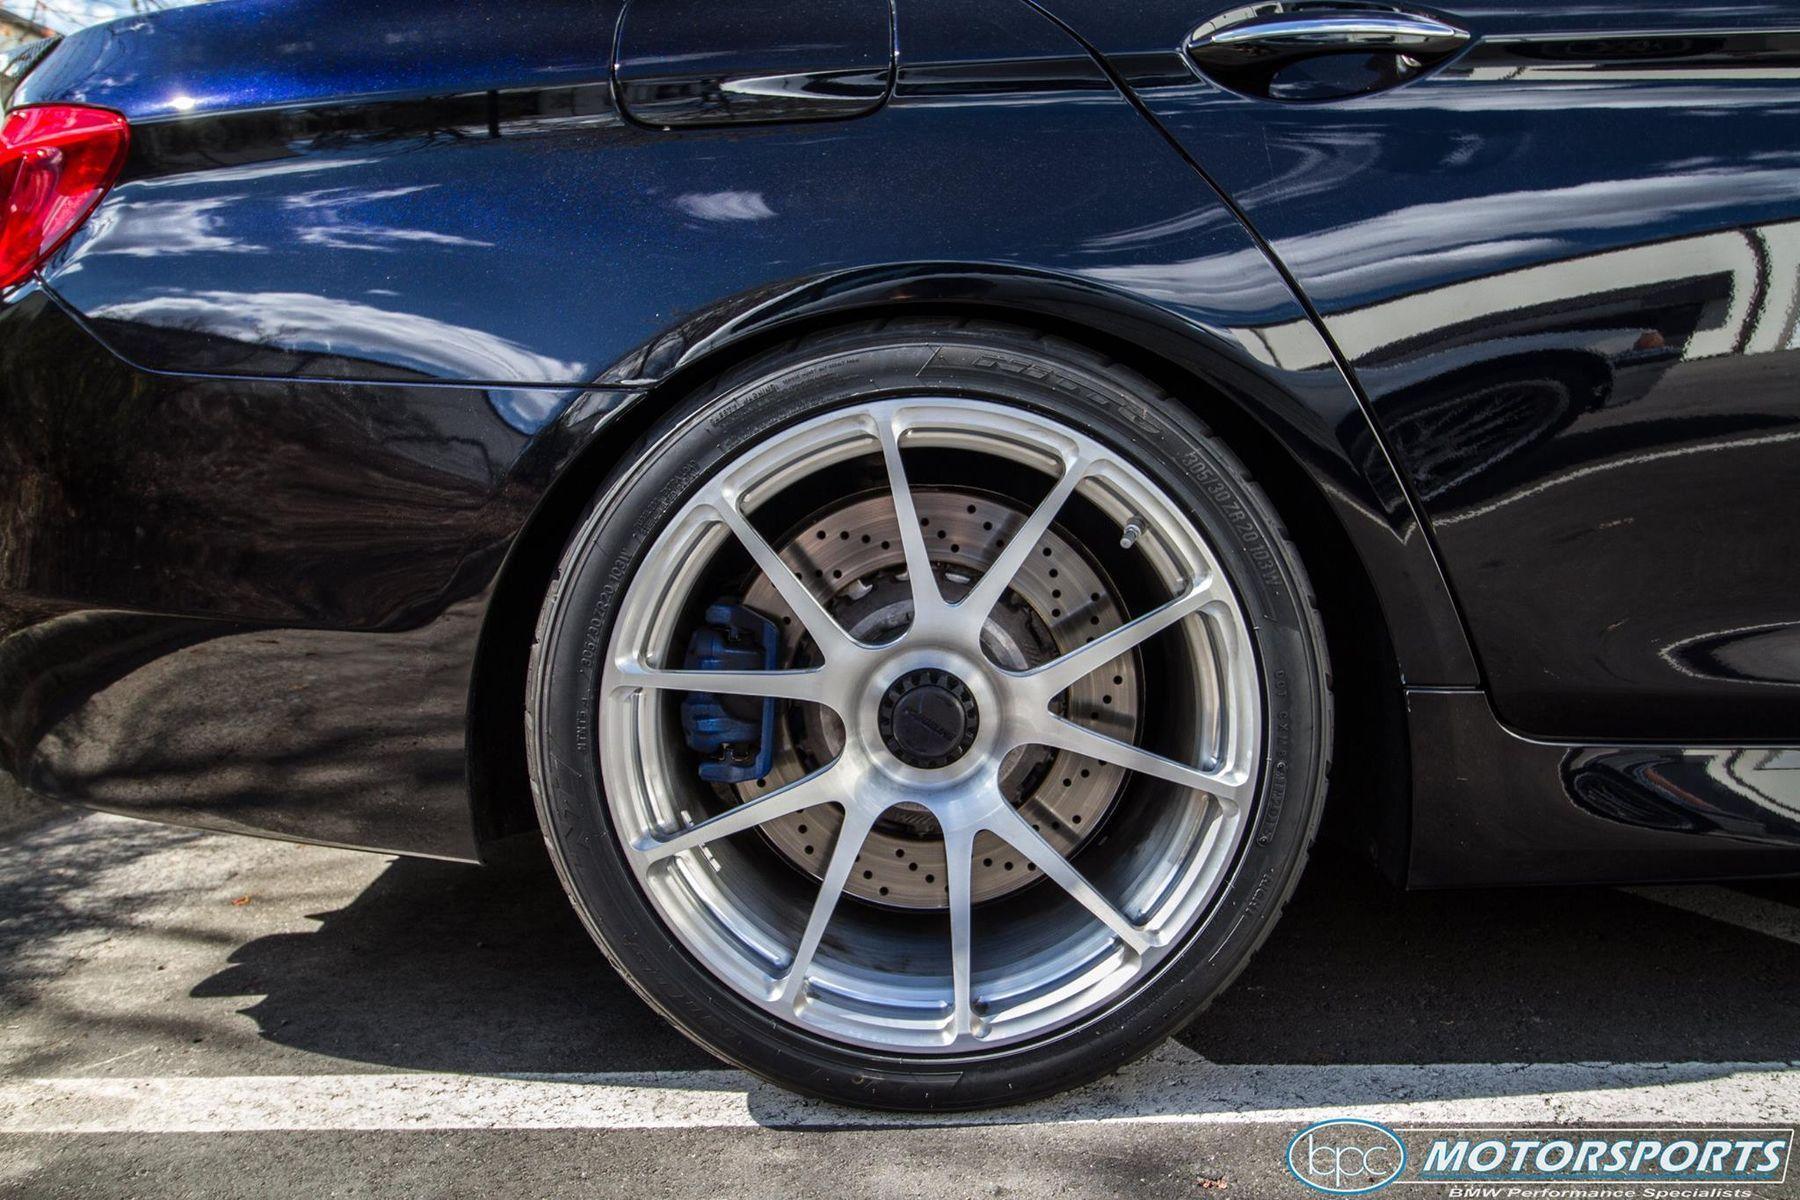 2016 BMW M5 | Ruben's Ronin Speed Industries BMW F10 M5 on Center Locking Forgeline One Piece Forged Monoblock GA1R Wheels